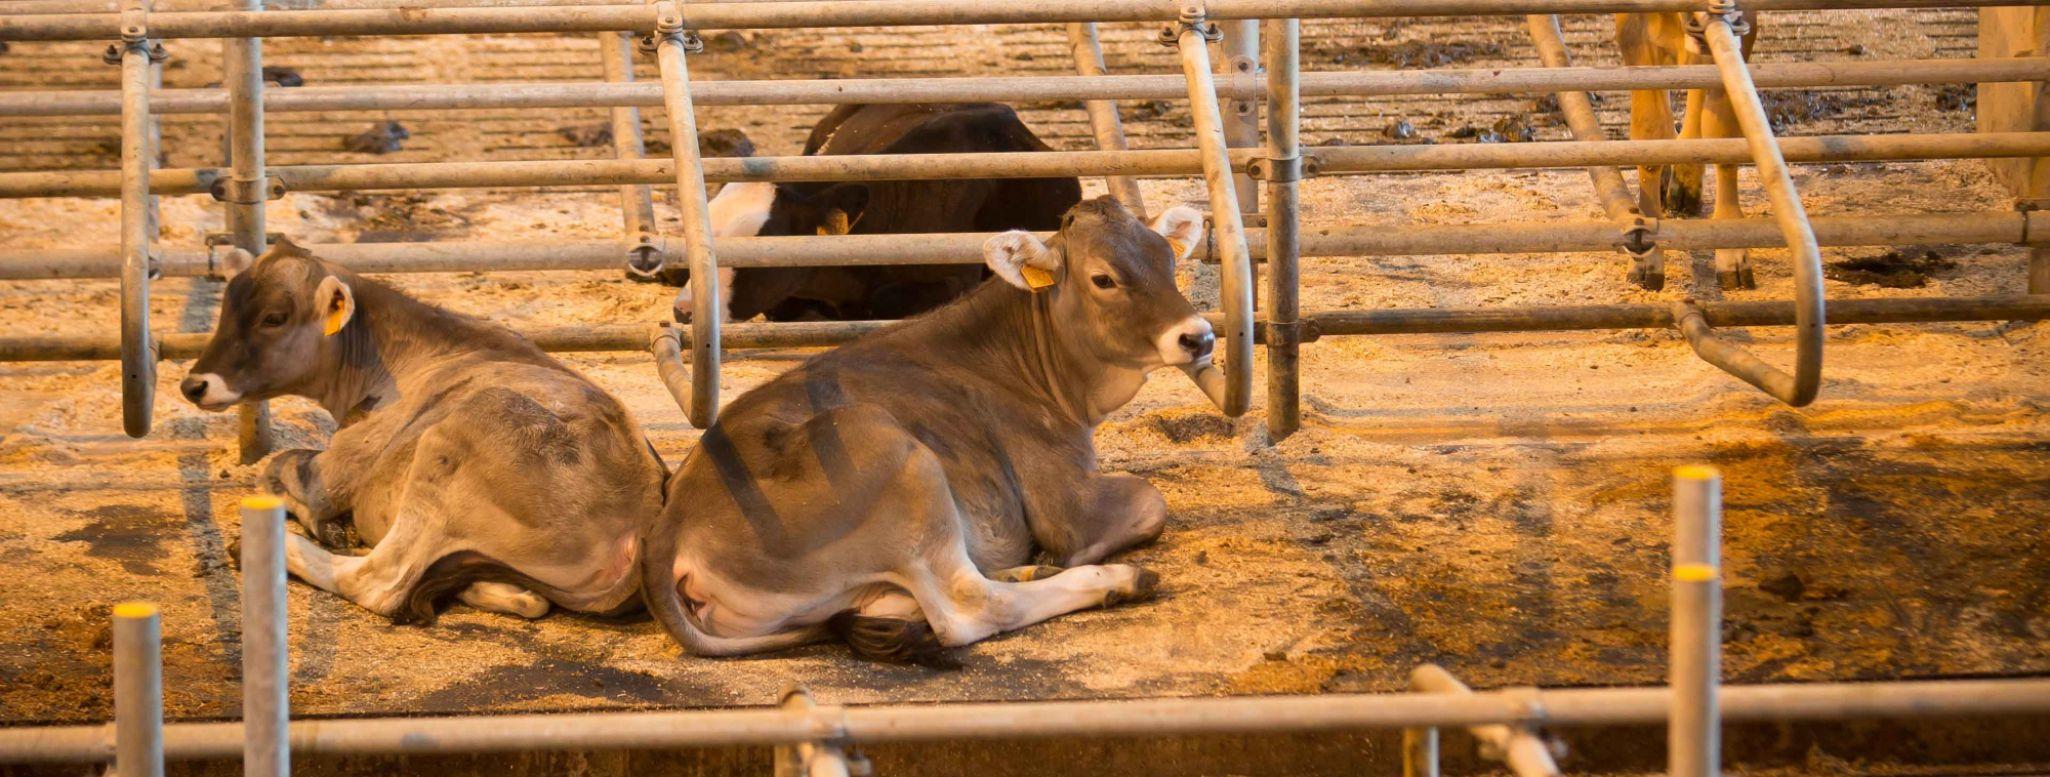 Koeien in moderne bindstal - boerderij van de Abdij der Trappisten Westmalle